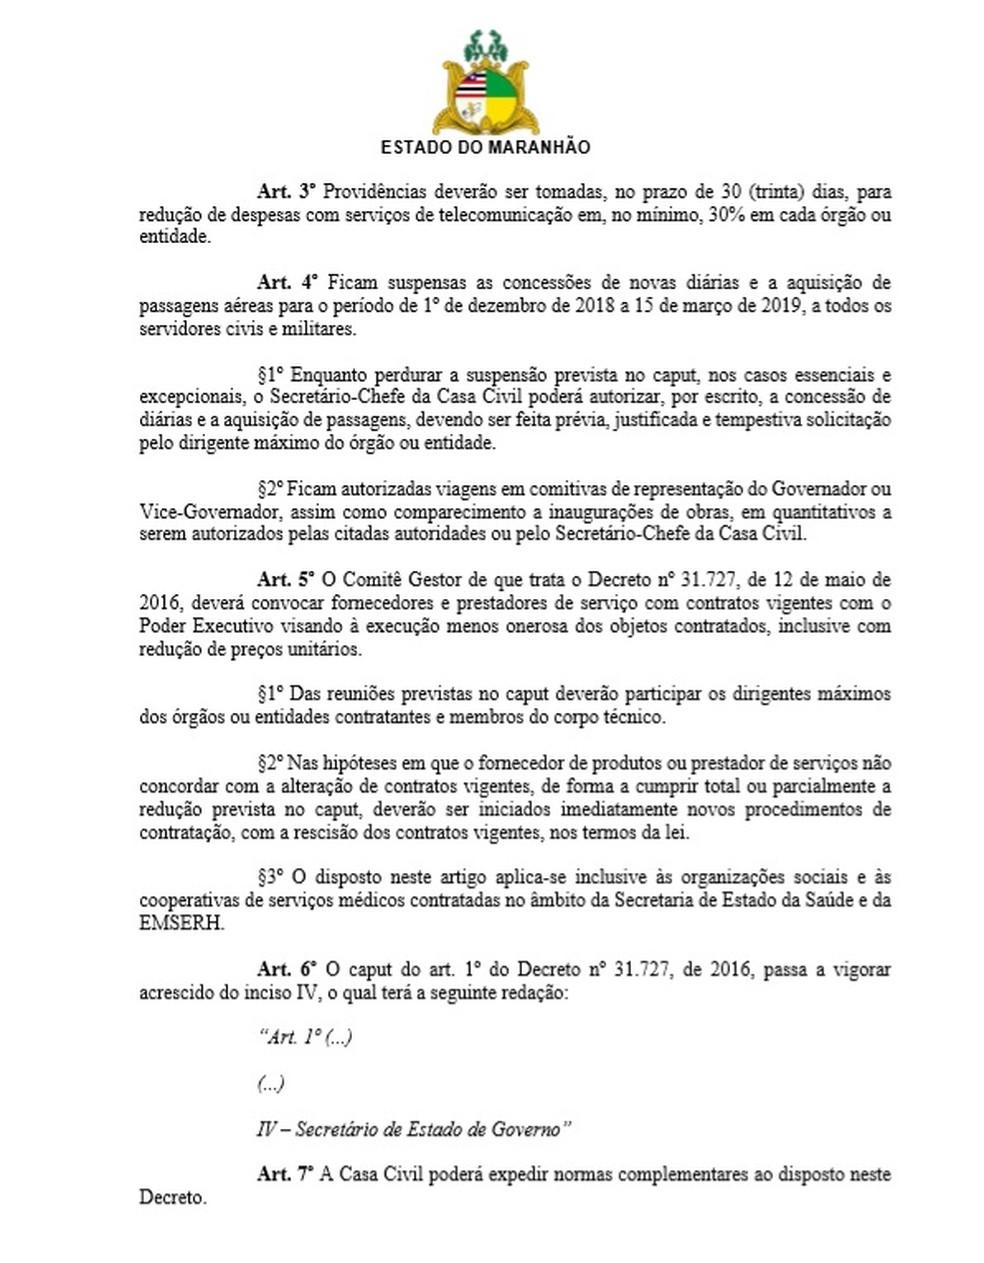 Página 2 do decreto do governo do Maranhão sobre corte de gastos — Foto: Reprodução